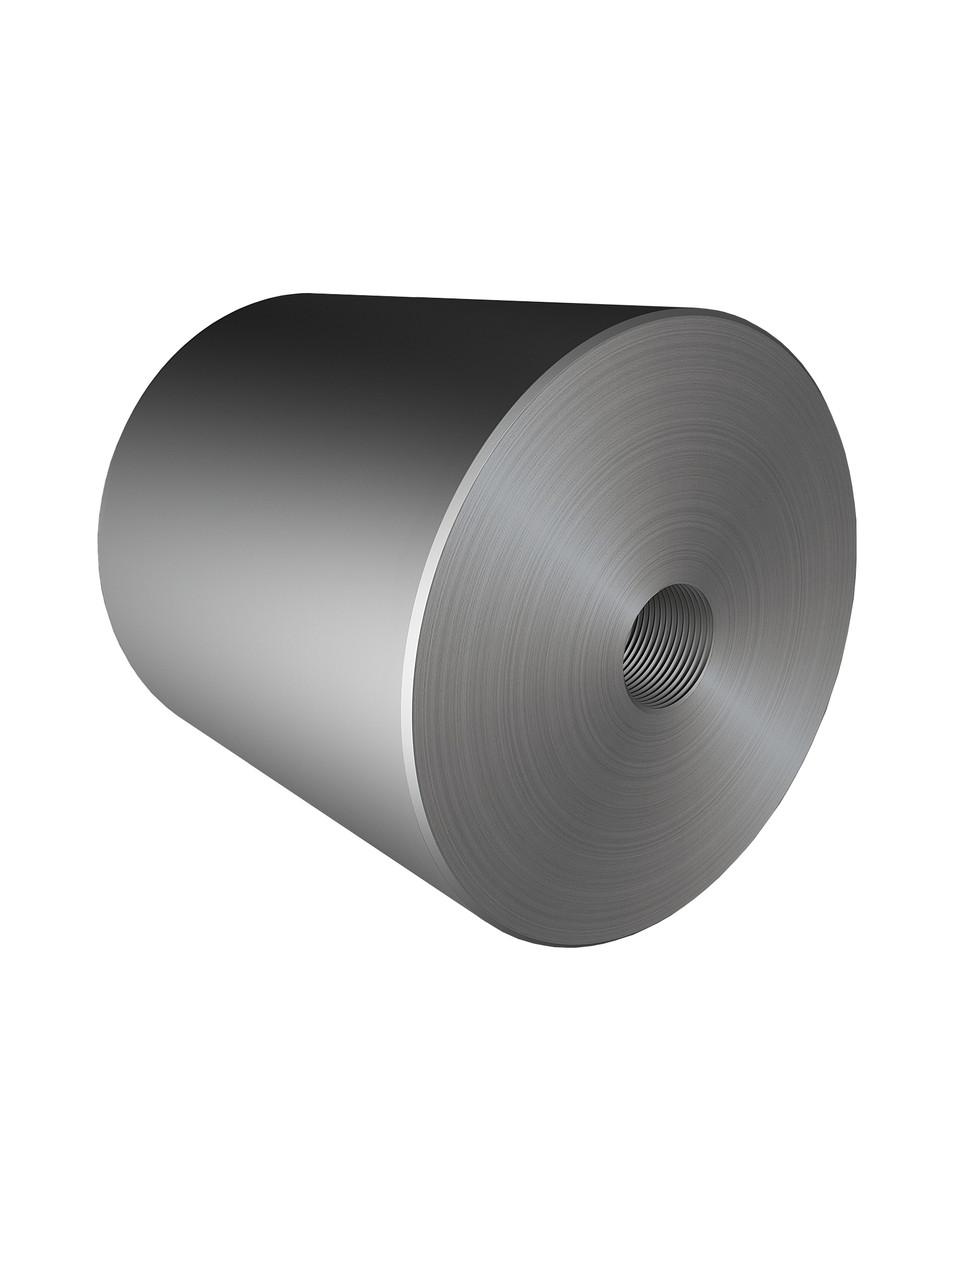 ODF-06-28-01-L50 Дистанція 50 мм для коннектора діаметром 50 мм з різьбою М10, сатин